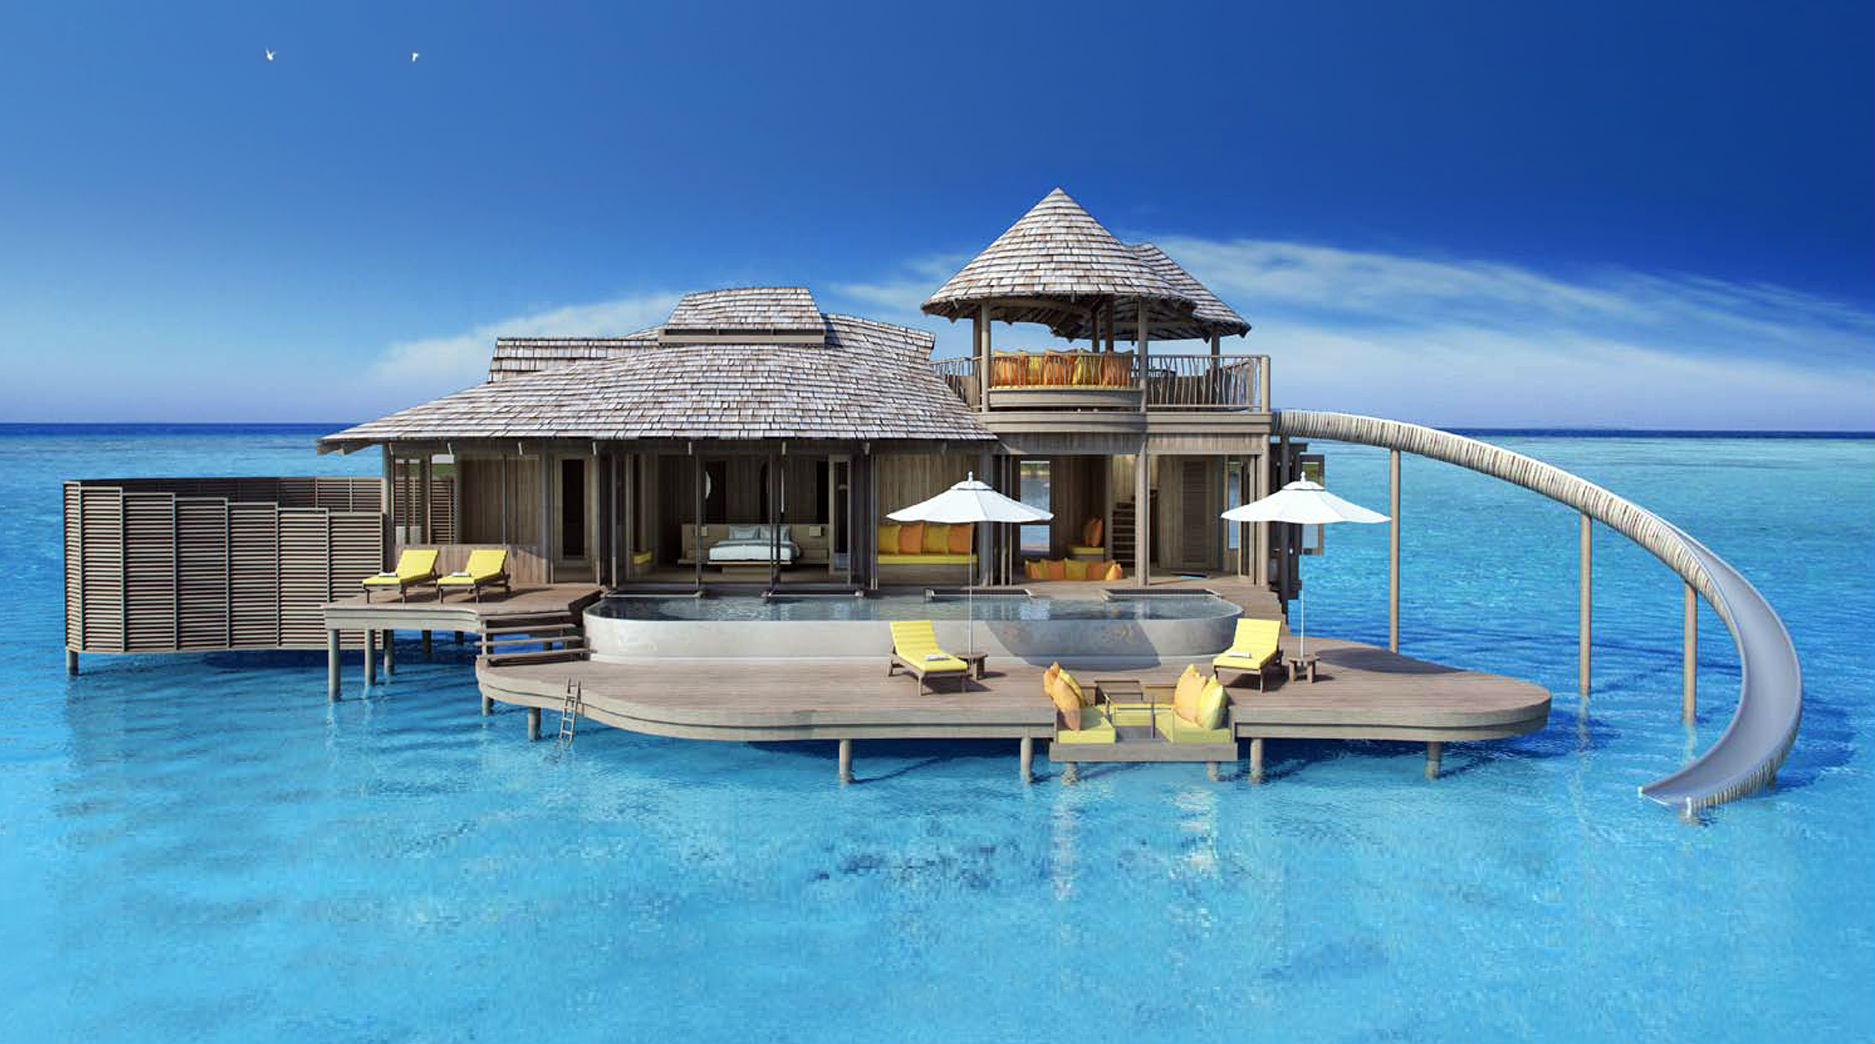 De la cama al agua en tobog n as ser el hotel de lujo for Hoteles de lujo en vitoria